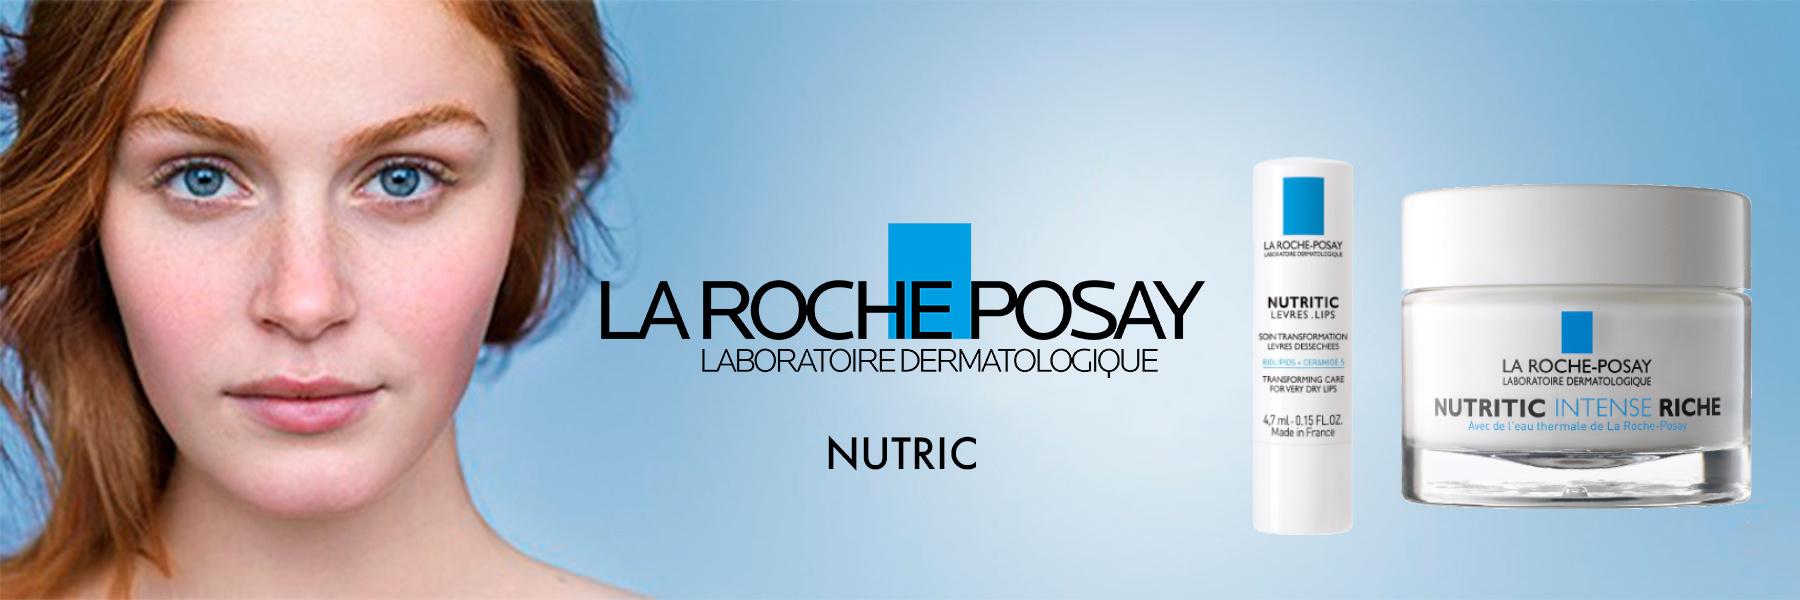 La Roche Posay Nutric